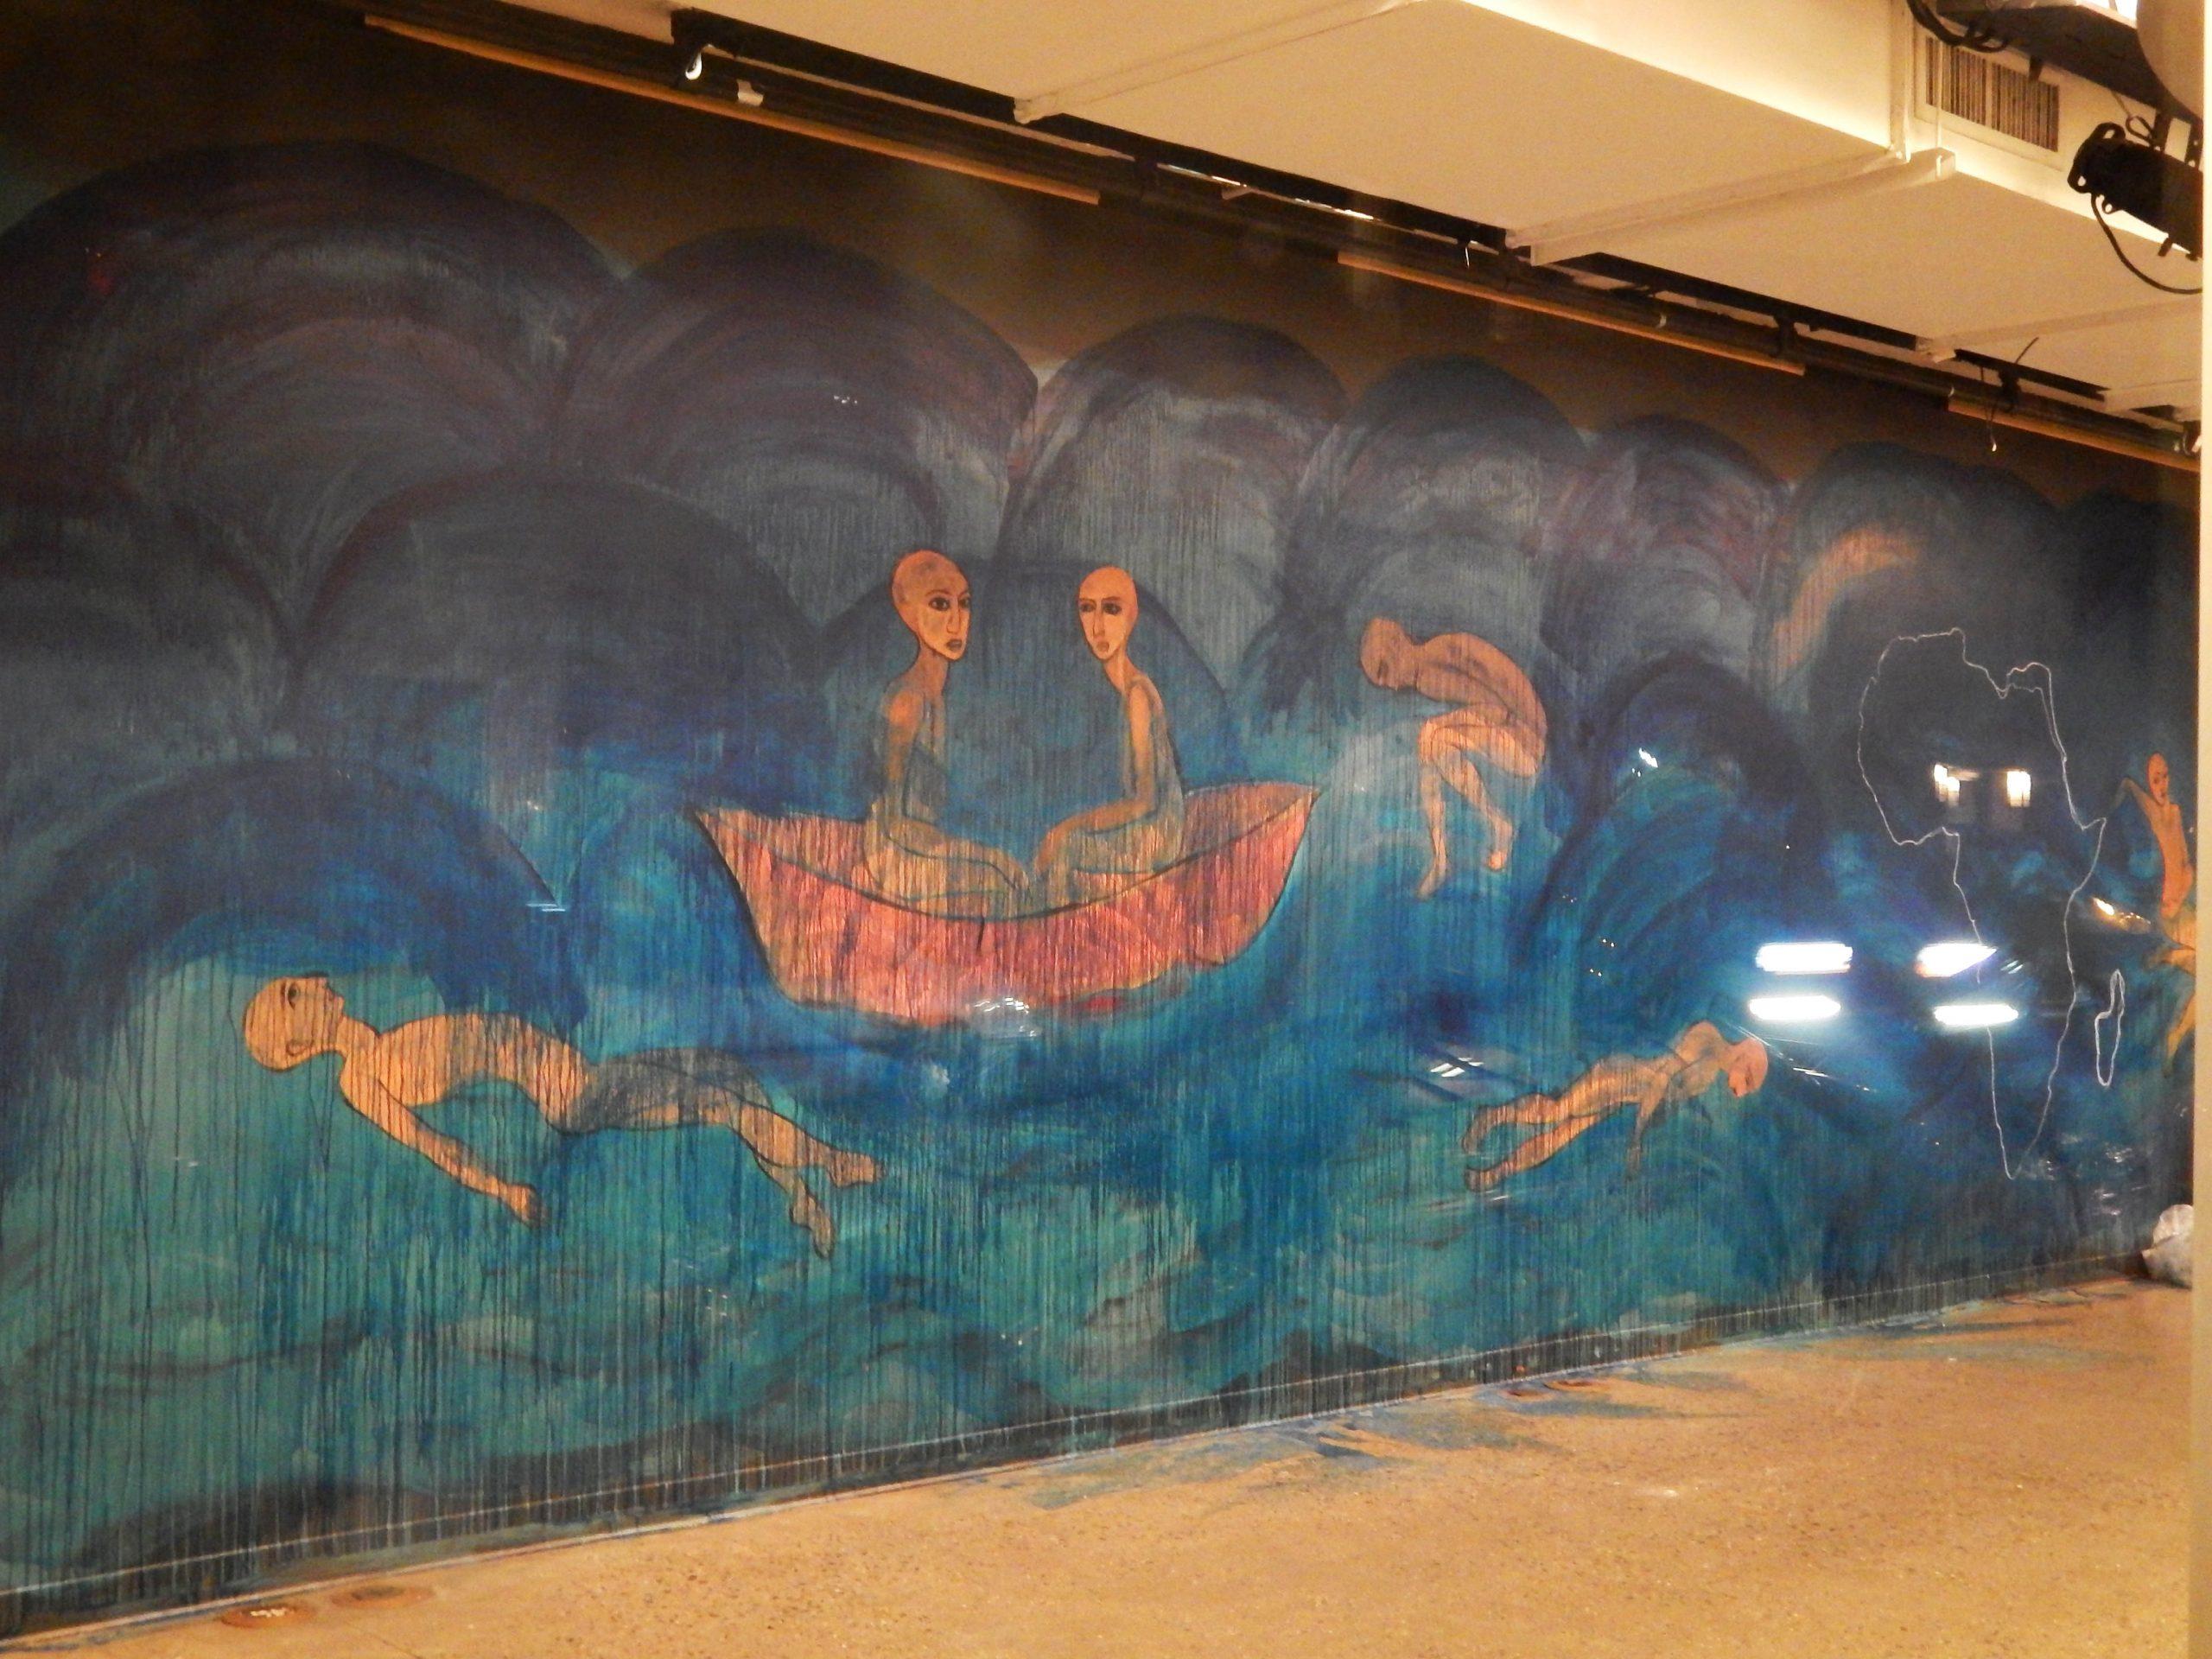 At War(k, mixed media mural, NYLA, 31.9 x 10.3 cm